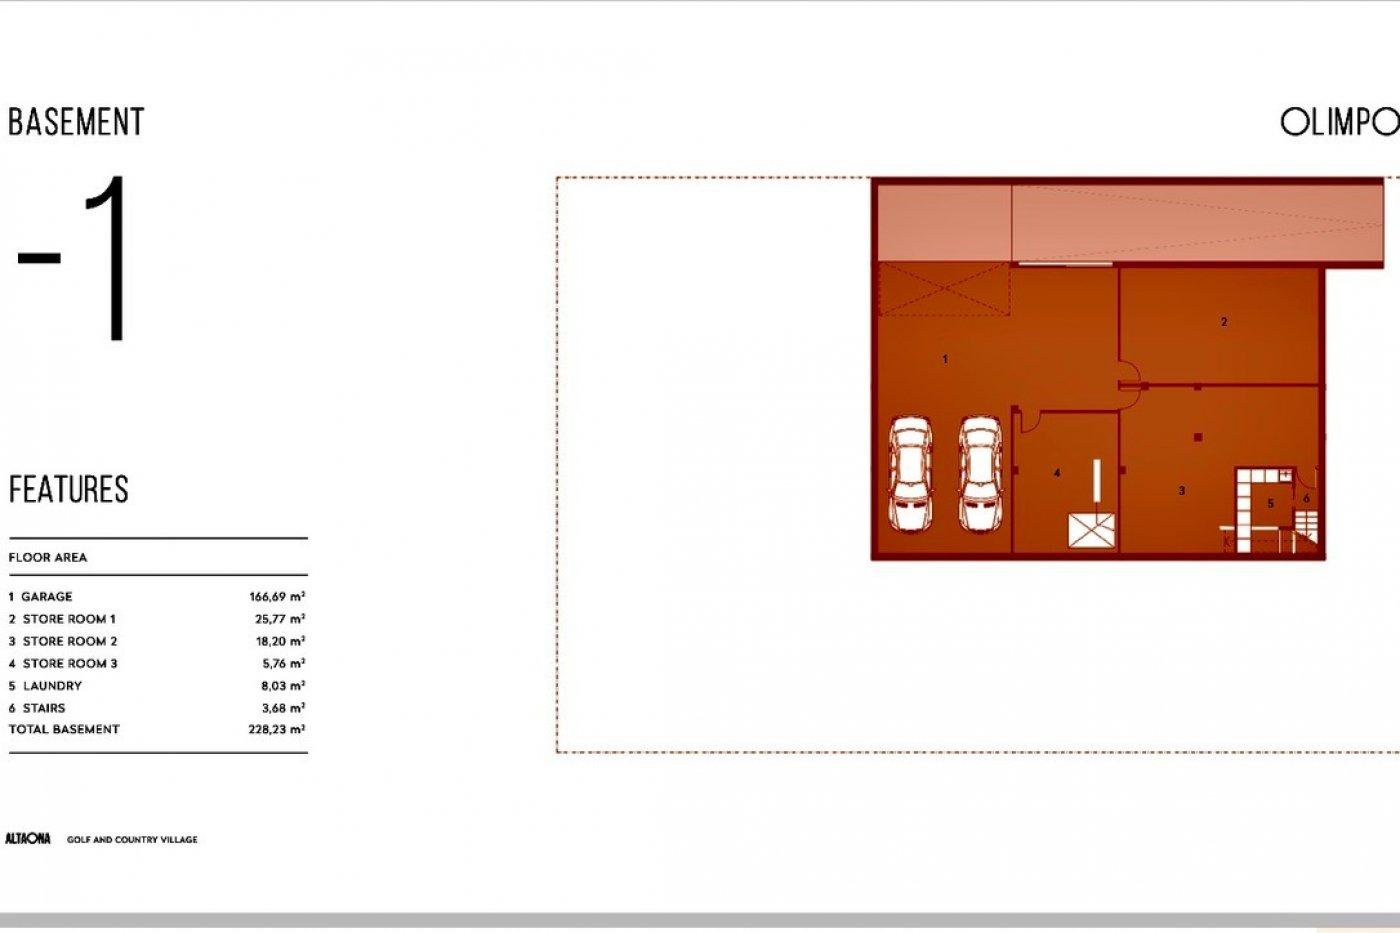 floor-plan-olimpo-1